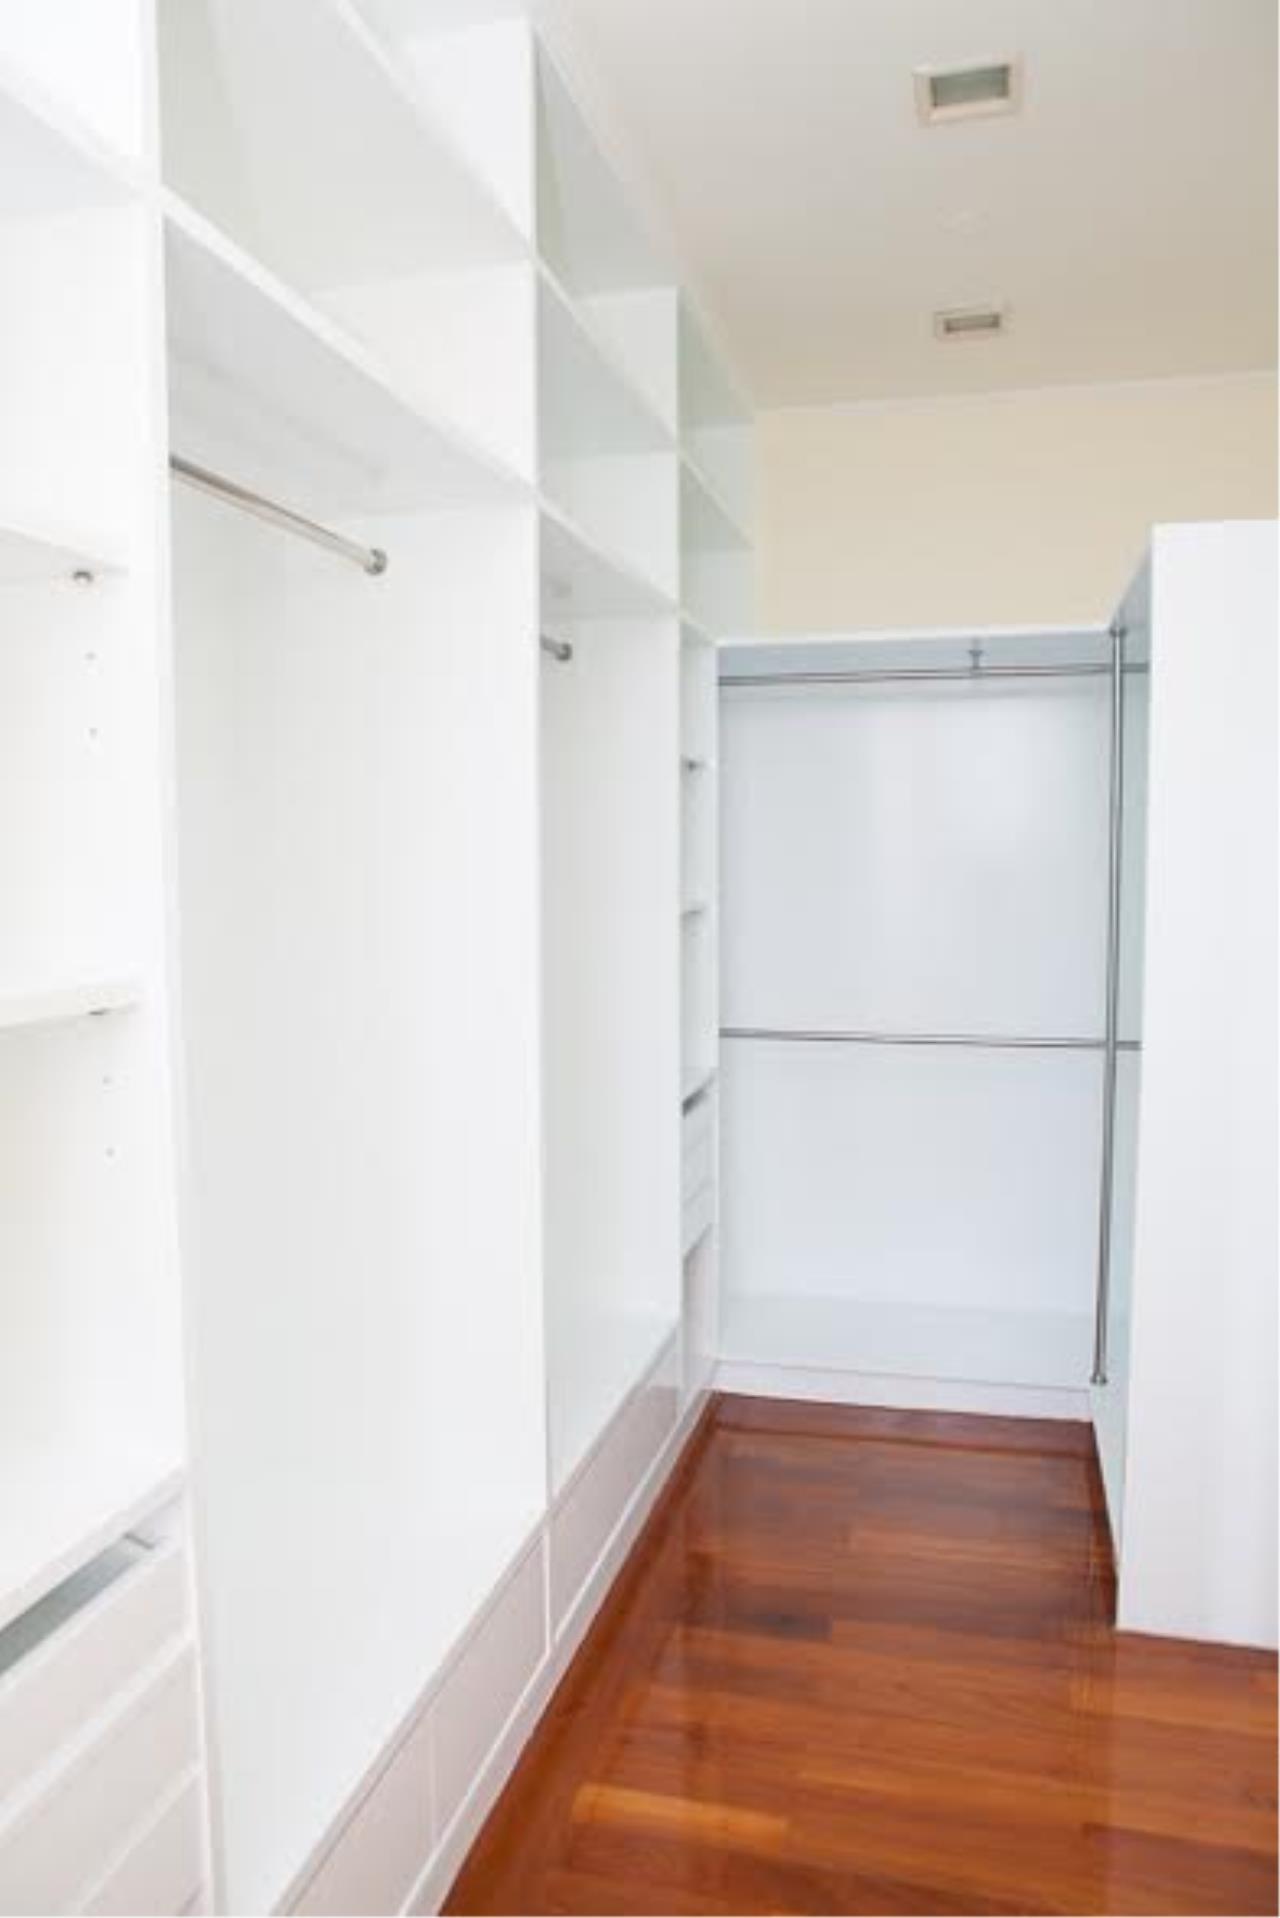 RE/MAX BestLife Agency's Hampton Court Rent 3 bedrooms Thong Lor 24